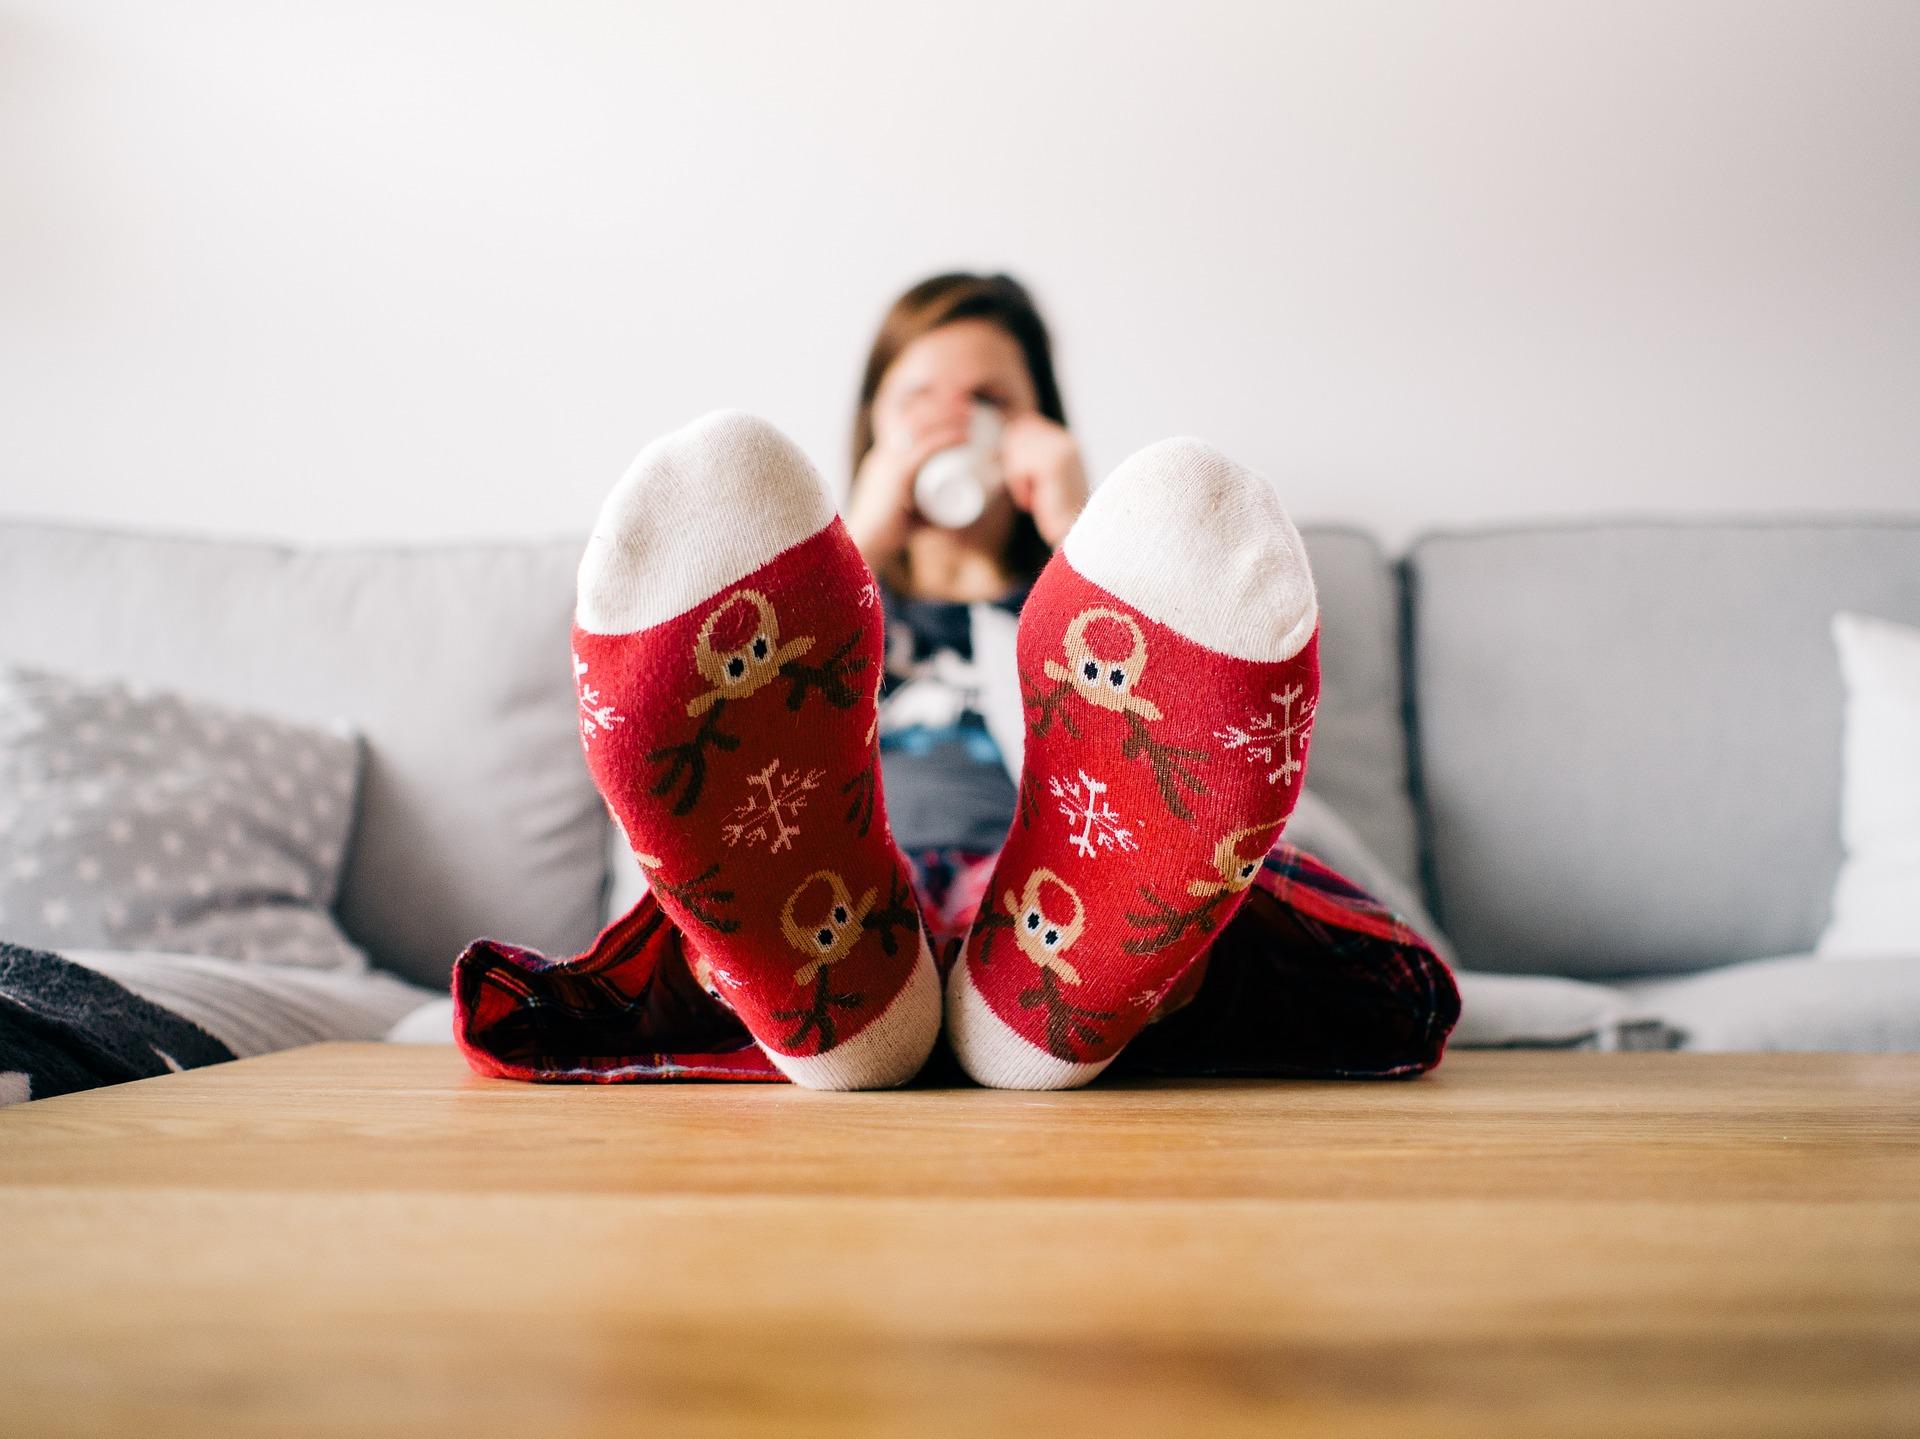 12 astuces pour apporter de la chaleur dans votre maison pour pas cher fioulreduc. Black Bedroom Furniture Sets. Home Design Ideas